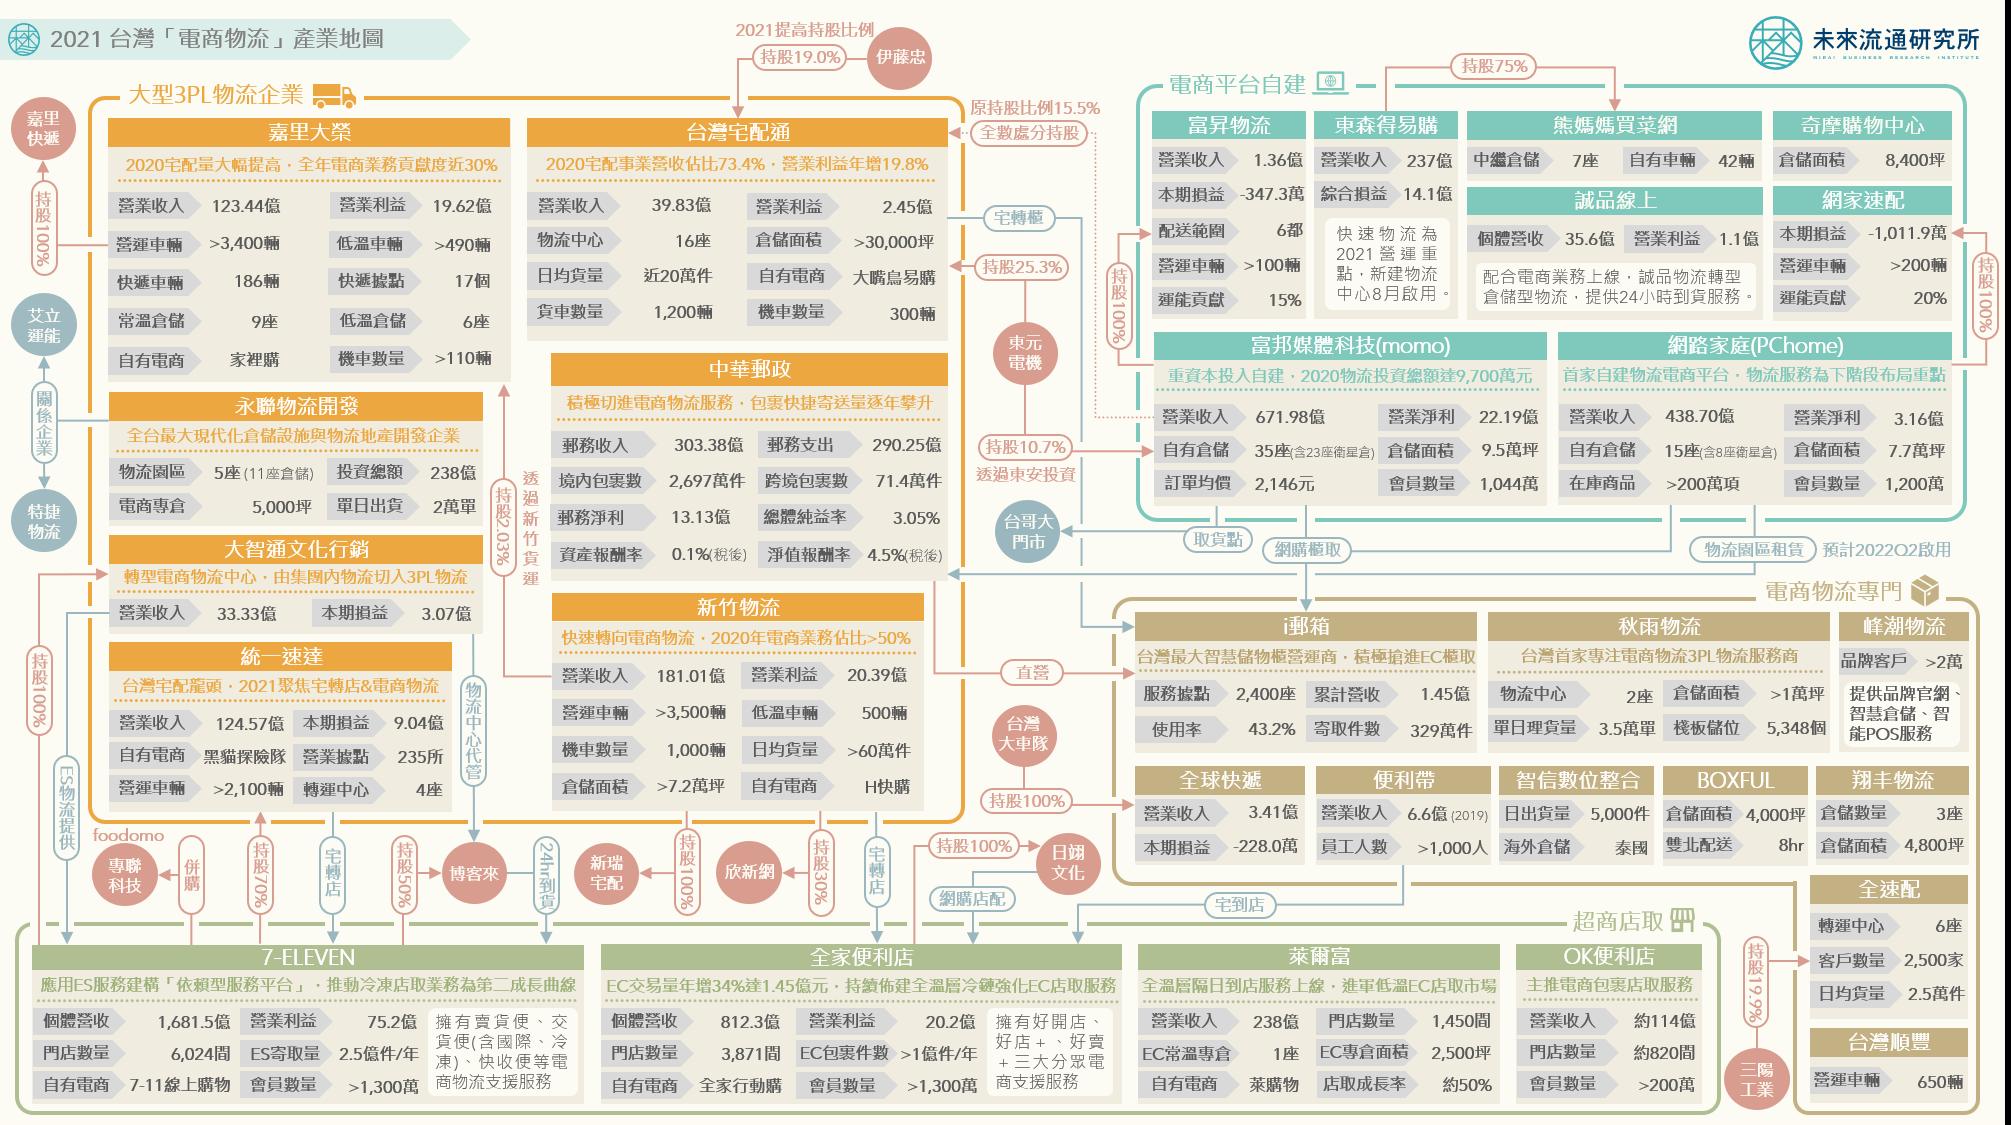 2021【產業地圖圖解】台灣「電商物流」產業地圖